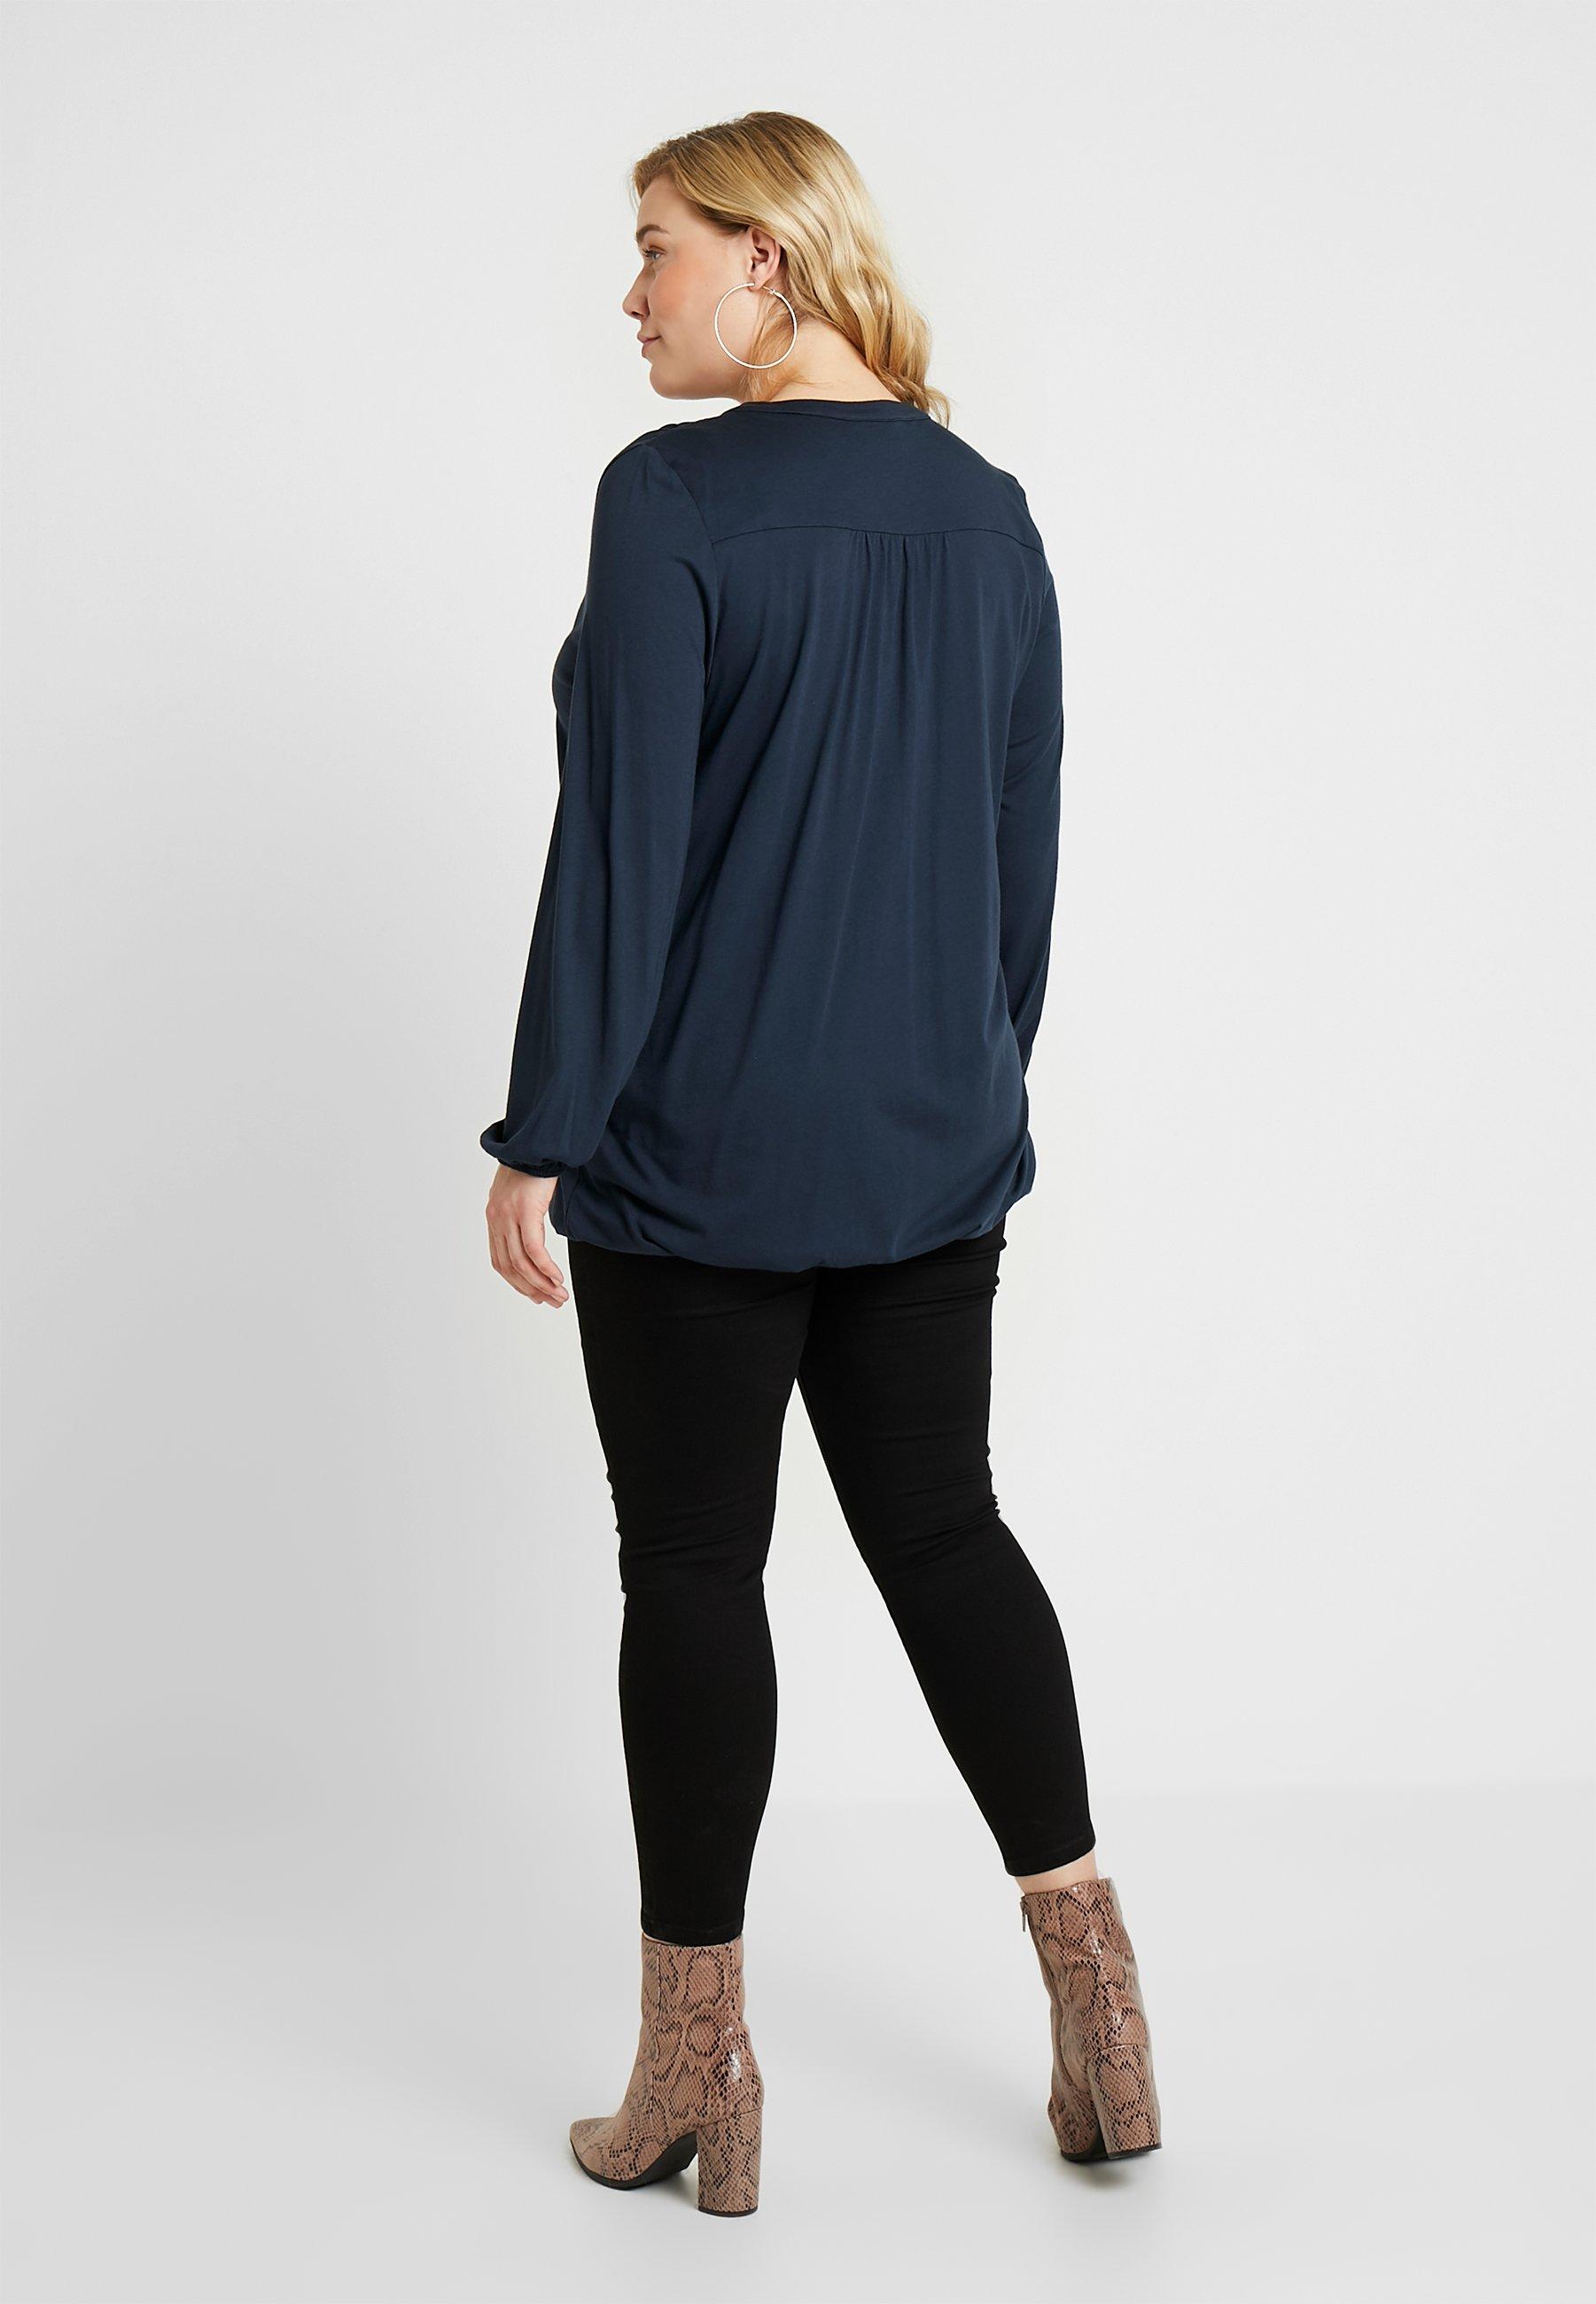 Live Unlimited London BUBBLE - T-shirt à manches longues blue